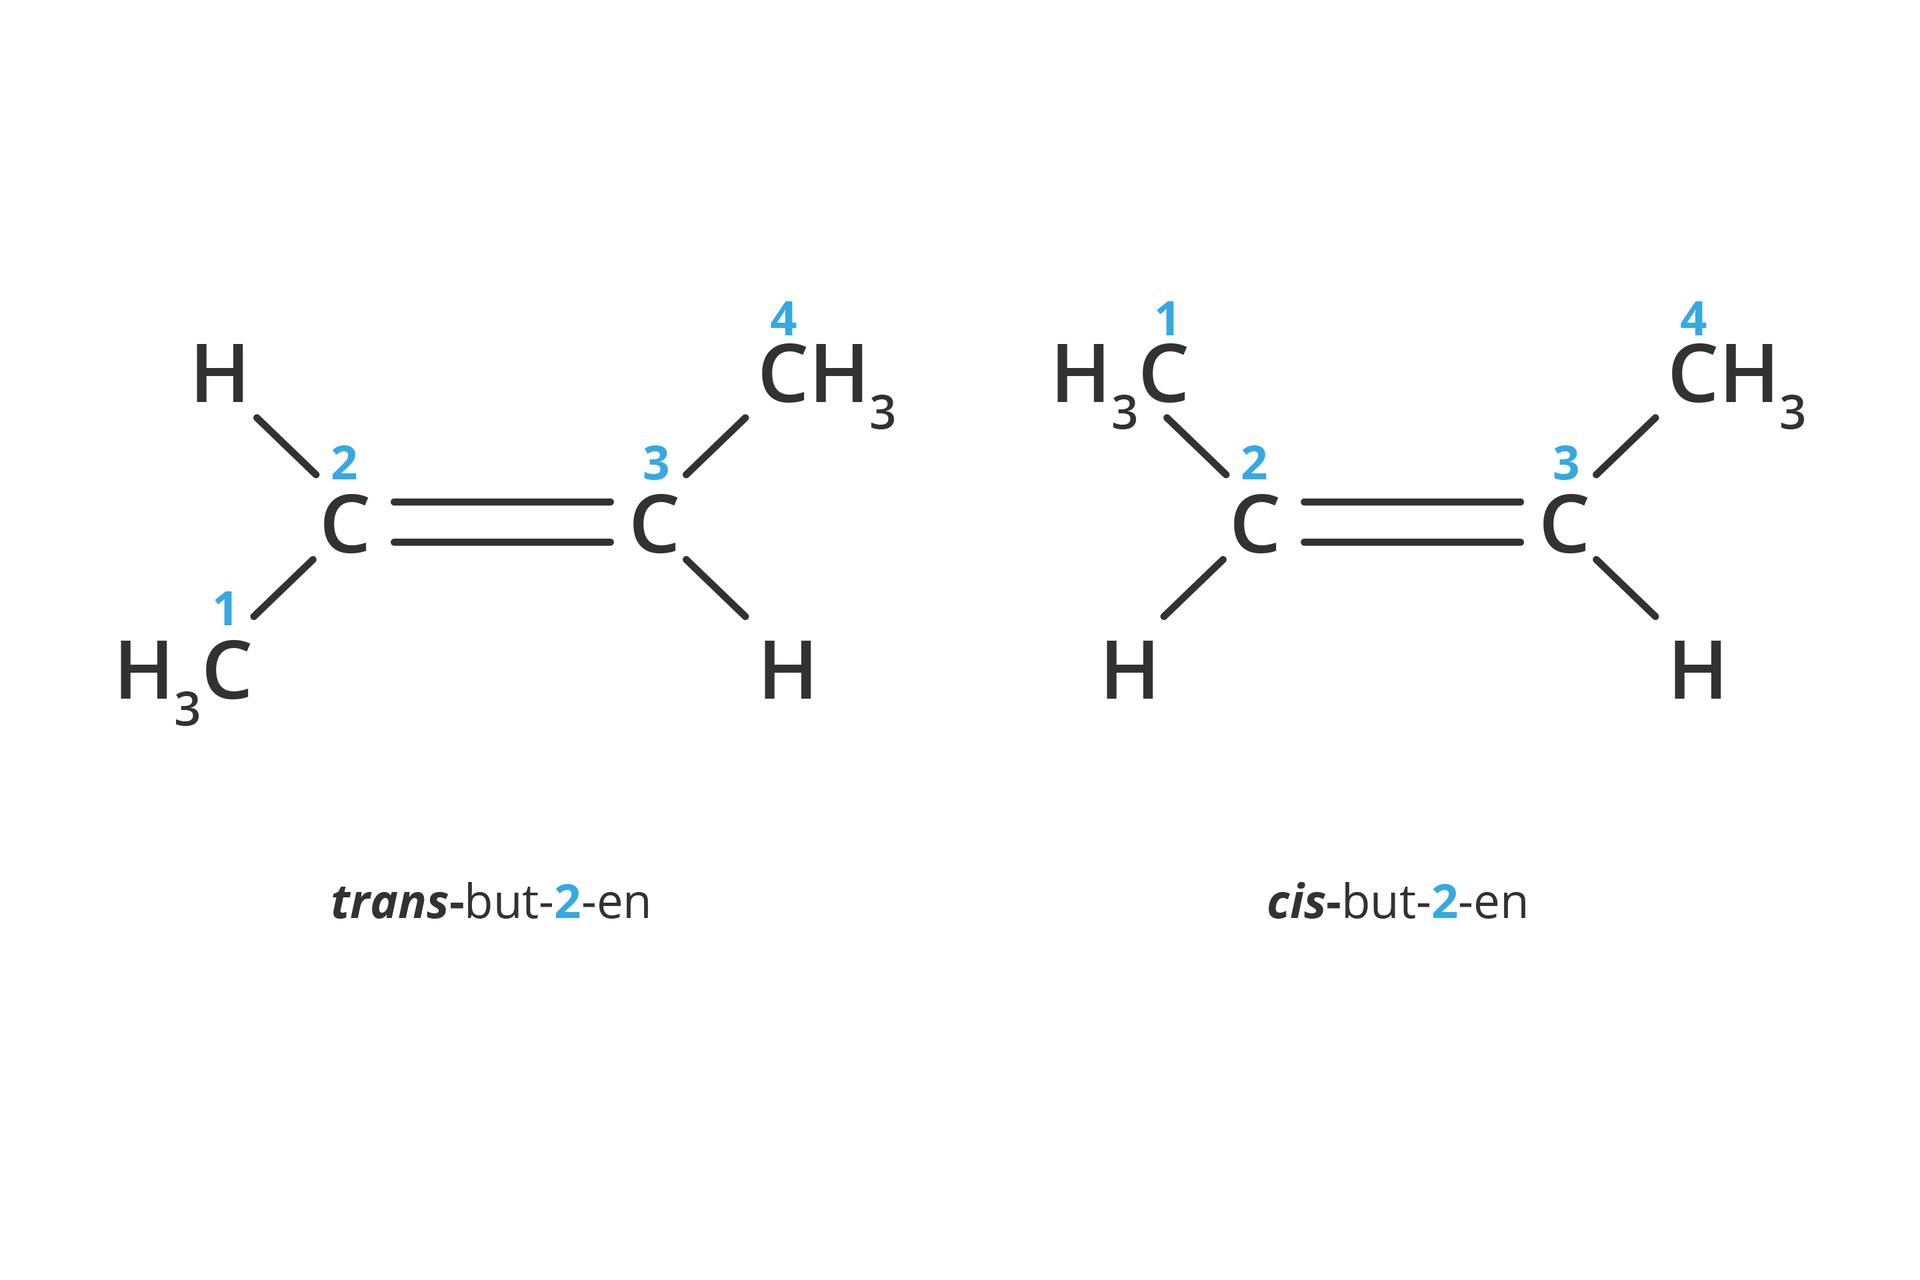 Wzory trans-2-butenu oraz cis-2-butenu